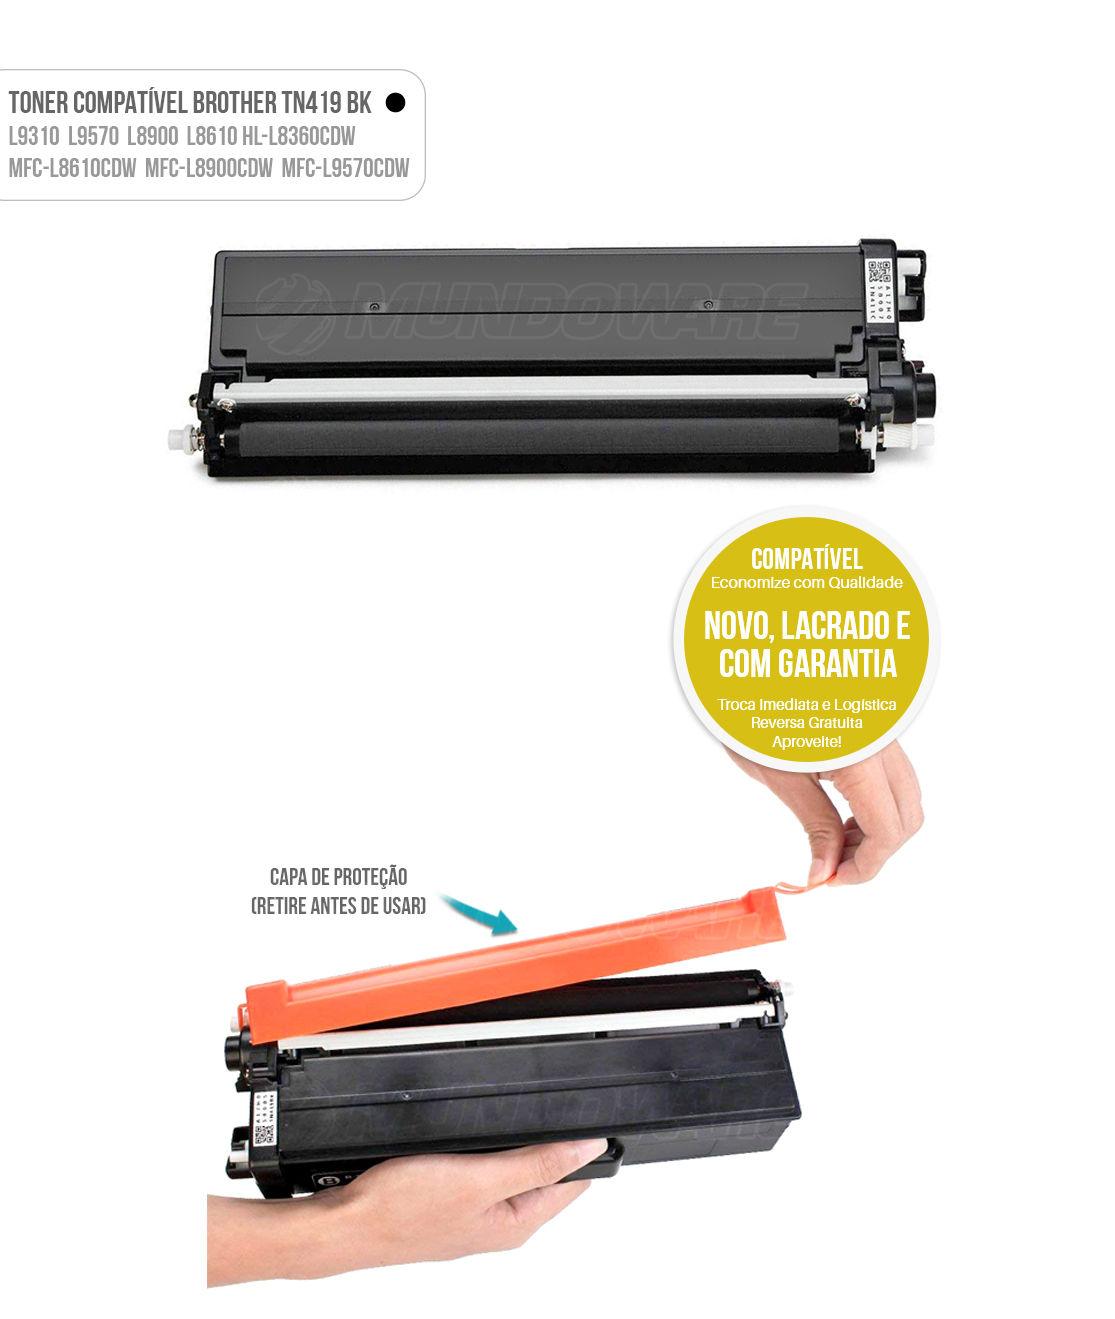 Toner Preto Compatível com TN419 TN-419K para impressora Brother HL-L8360CDW MFC-L8610CDW L8900CDW L9570CDW L8360 L8610 L8900